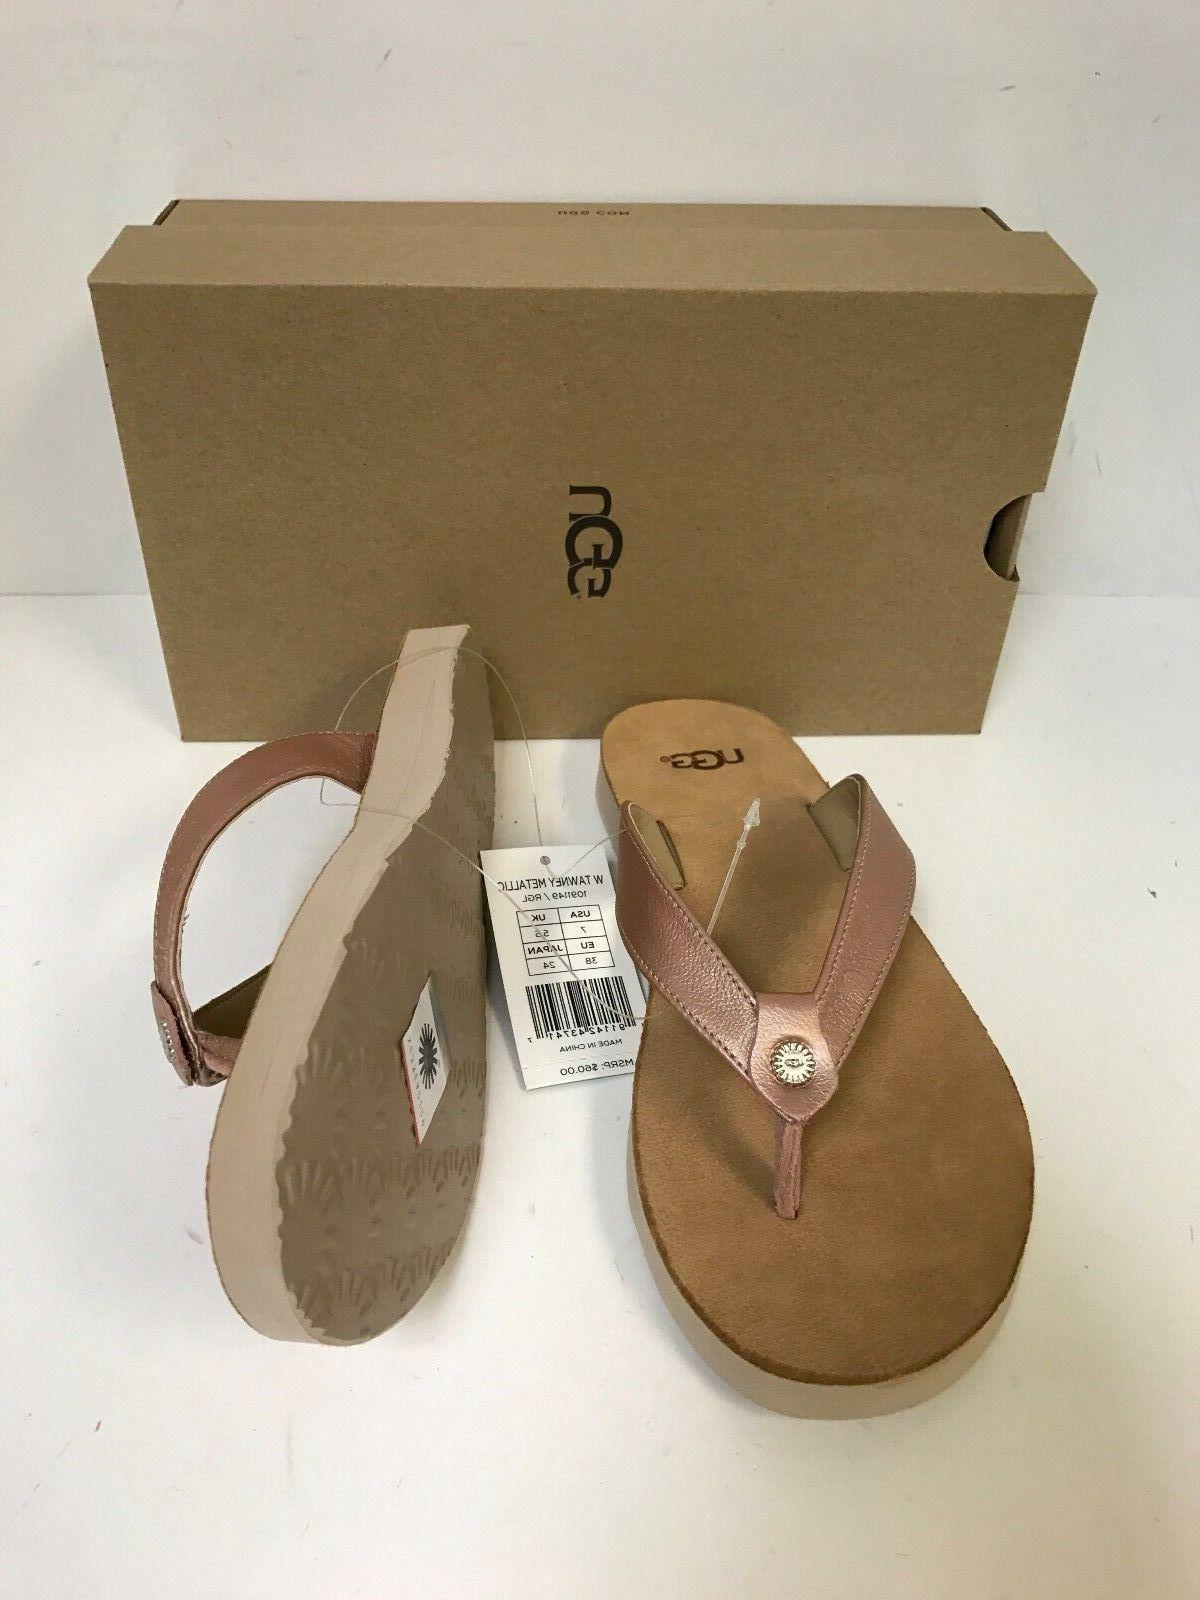 UGG Tawney Metallic Gold Sandal Size